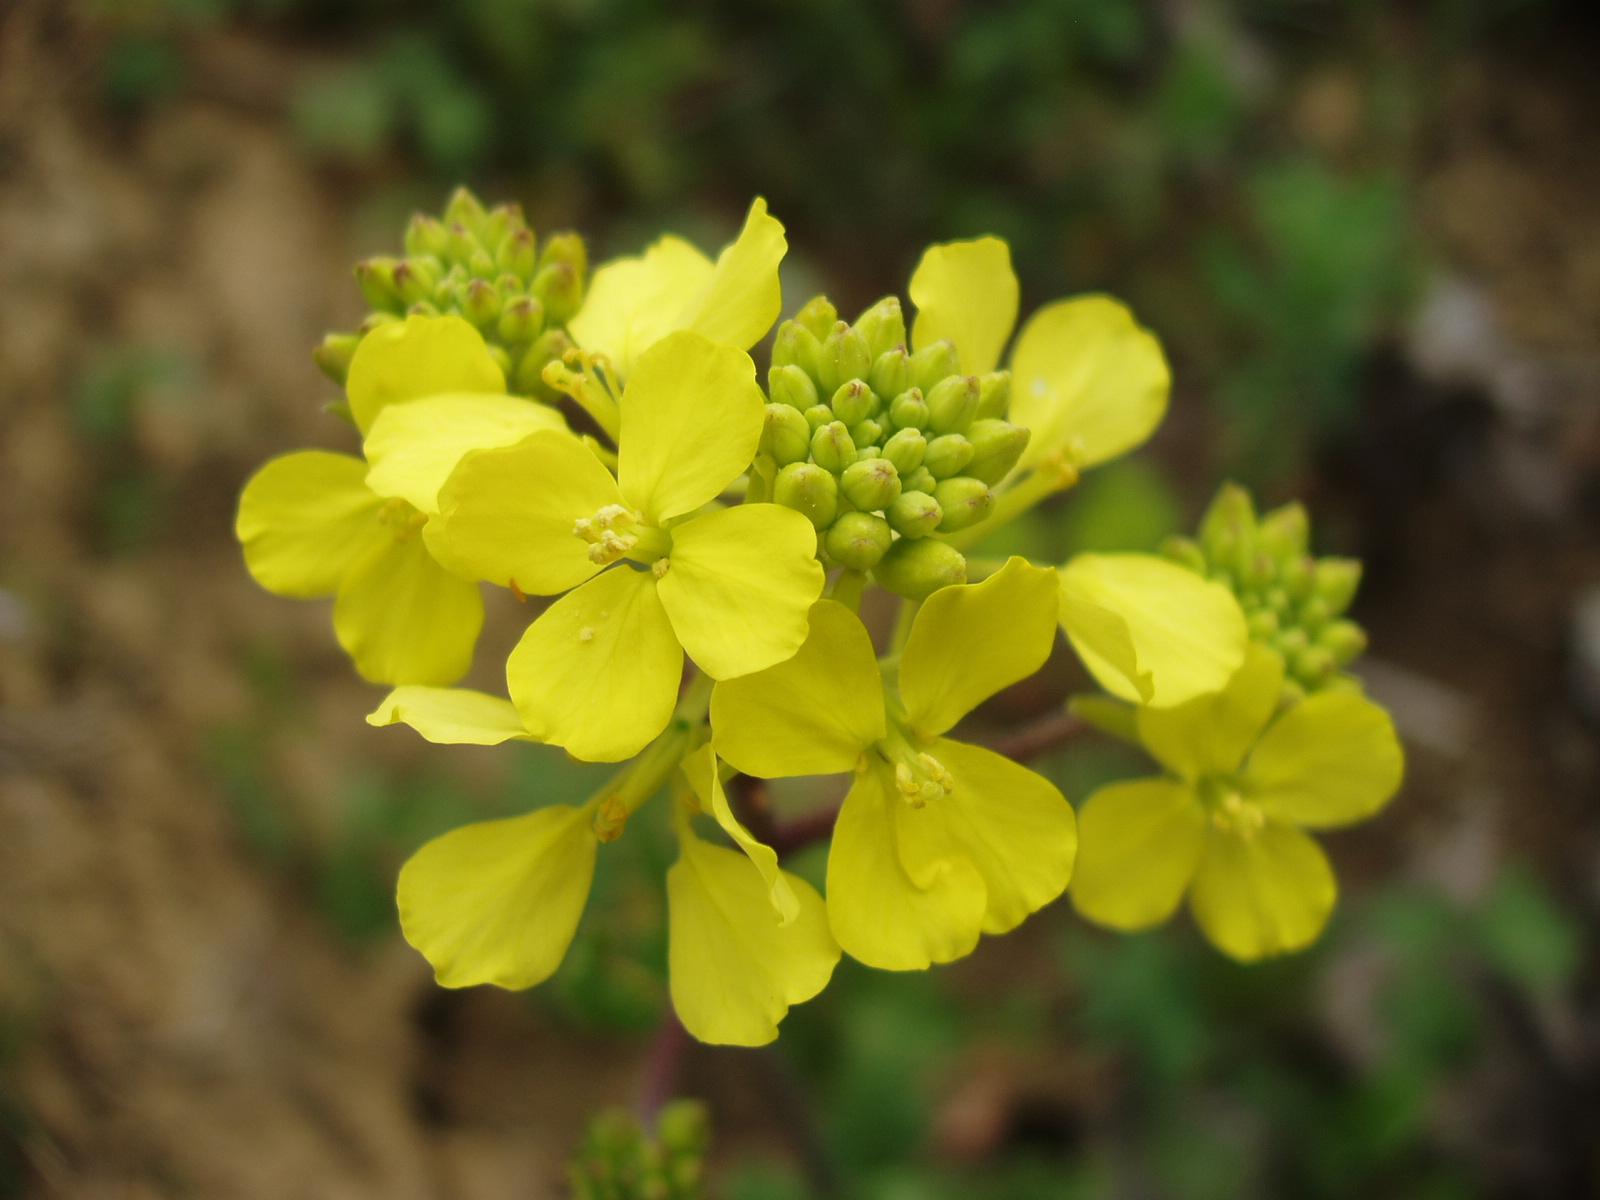 Fiore Giallo Quattro Petali.Flora Uniud Sinapis Arvensis L Fiore